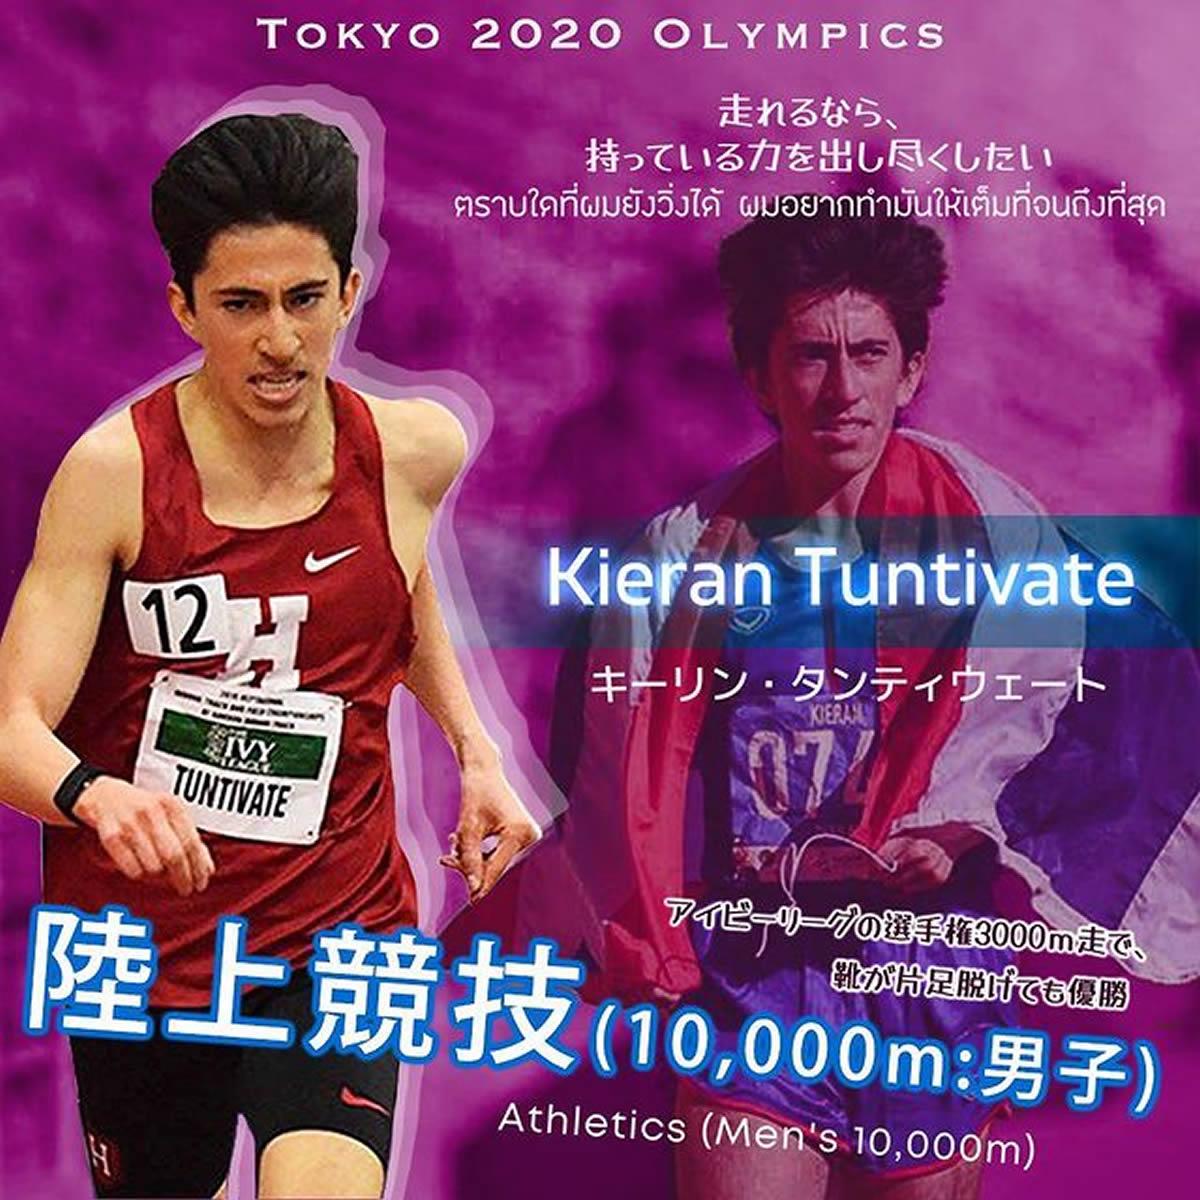 キーリン・タンテウェート選手[男子陸上 タイ代表]東京2020オリンピック